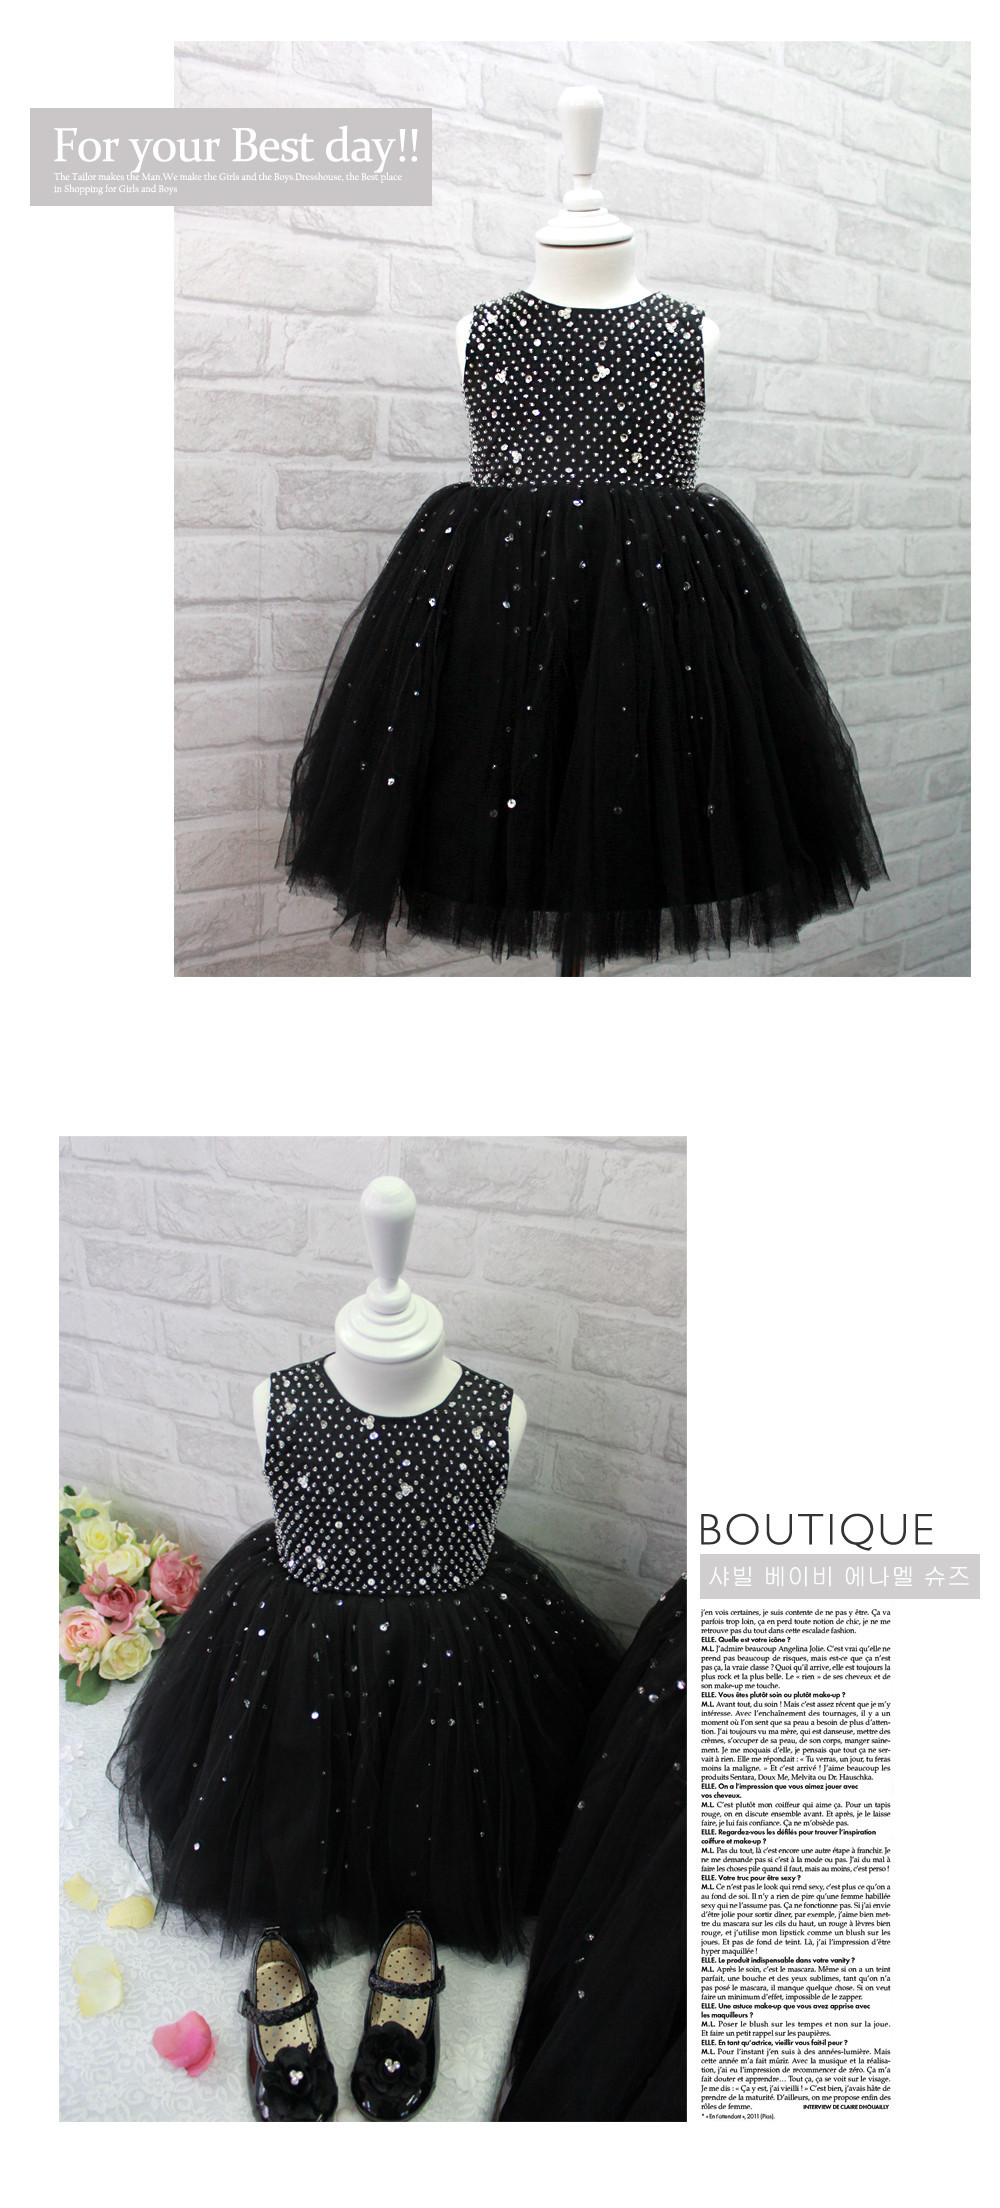 Детская Одежда Мода семьи серии детский цветок одежда день рождения принцессы платье baby формальных платье